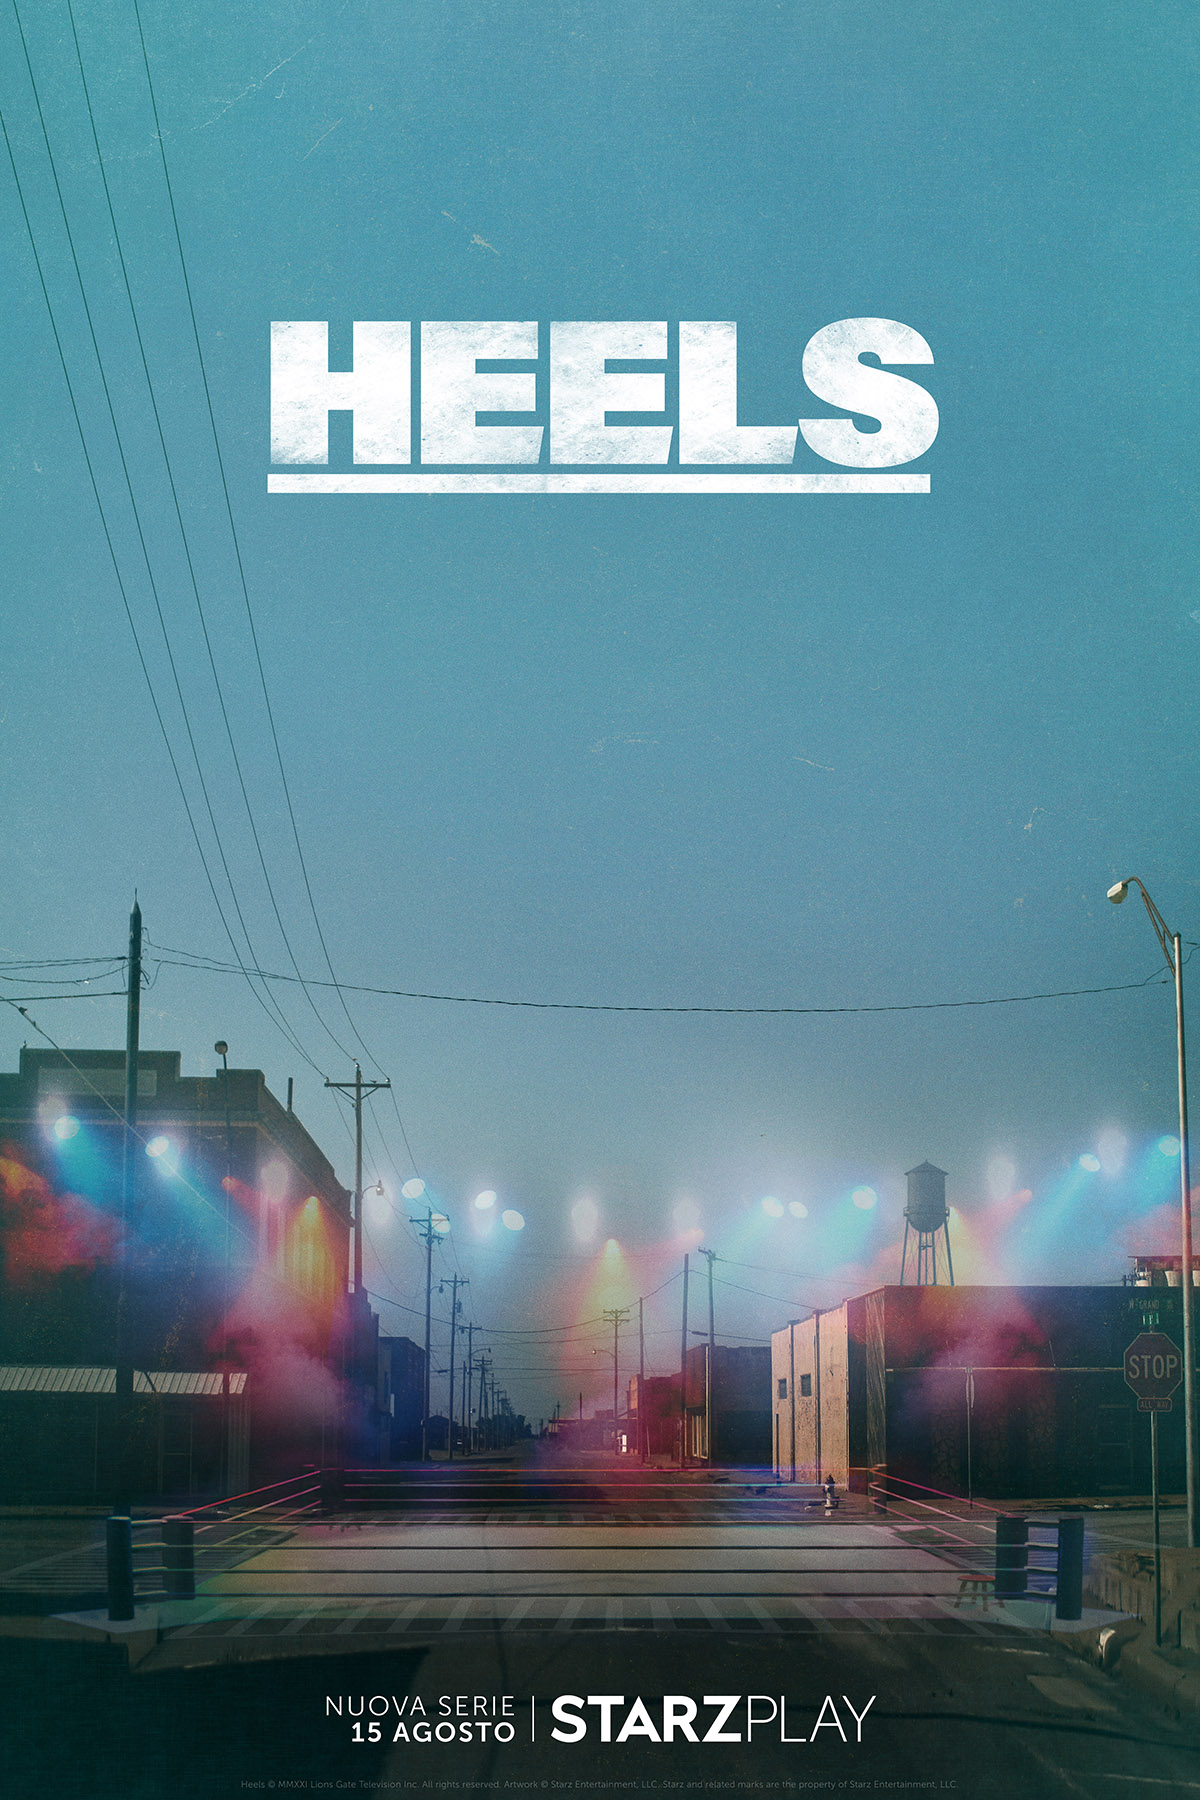 """Starzplay presenta """"Heels"""", nuova serie ambientata nel mondo del wrestling    RB Casting"""